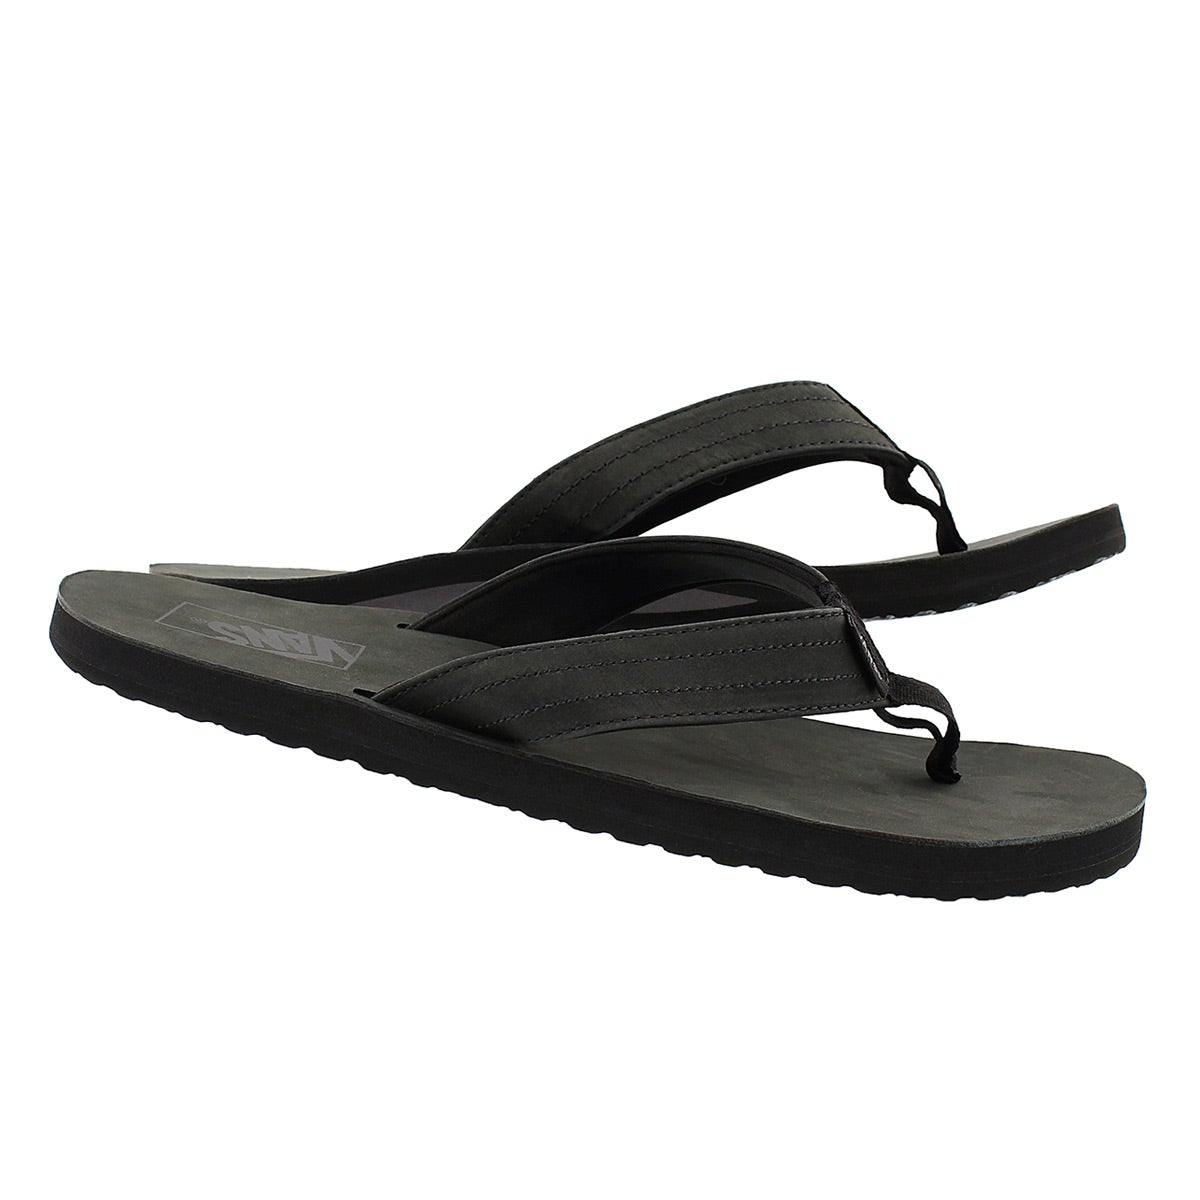 Mns Lancaster black flip flop